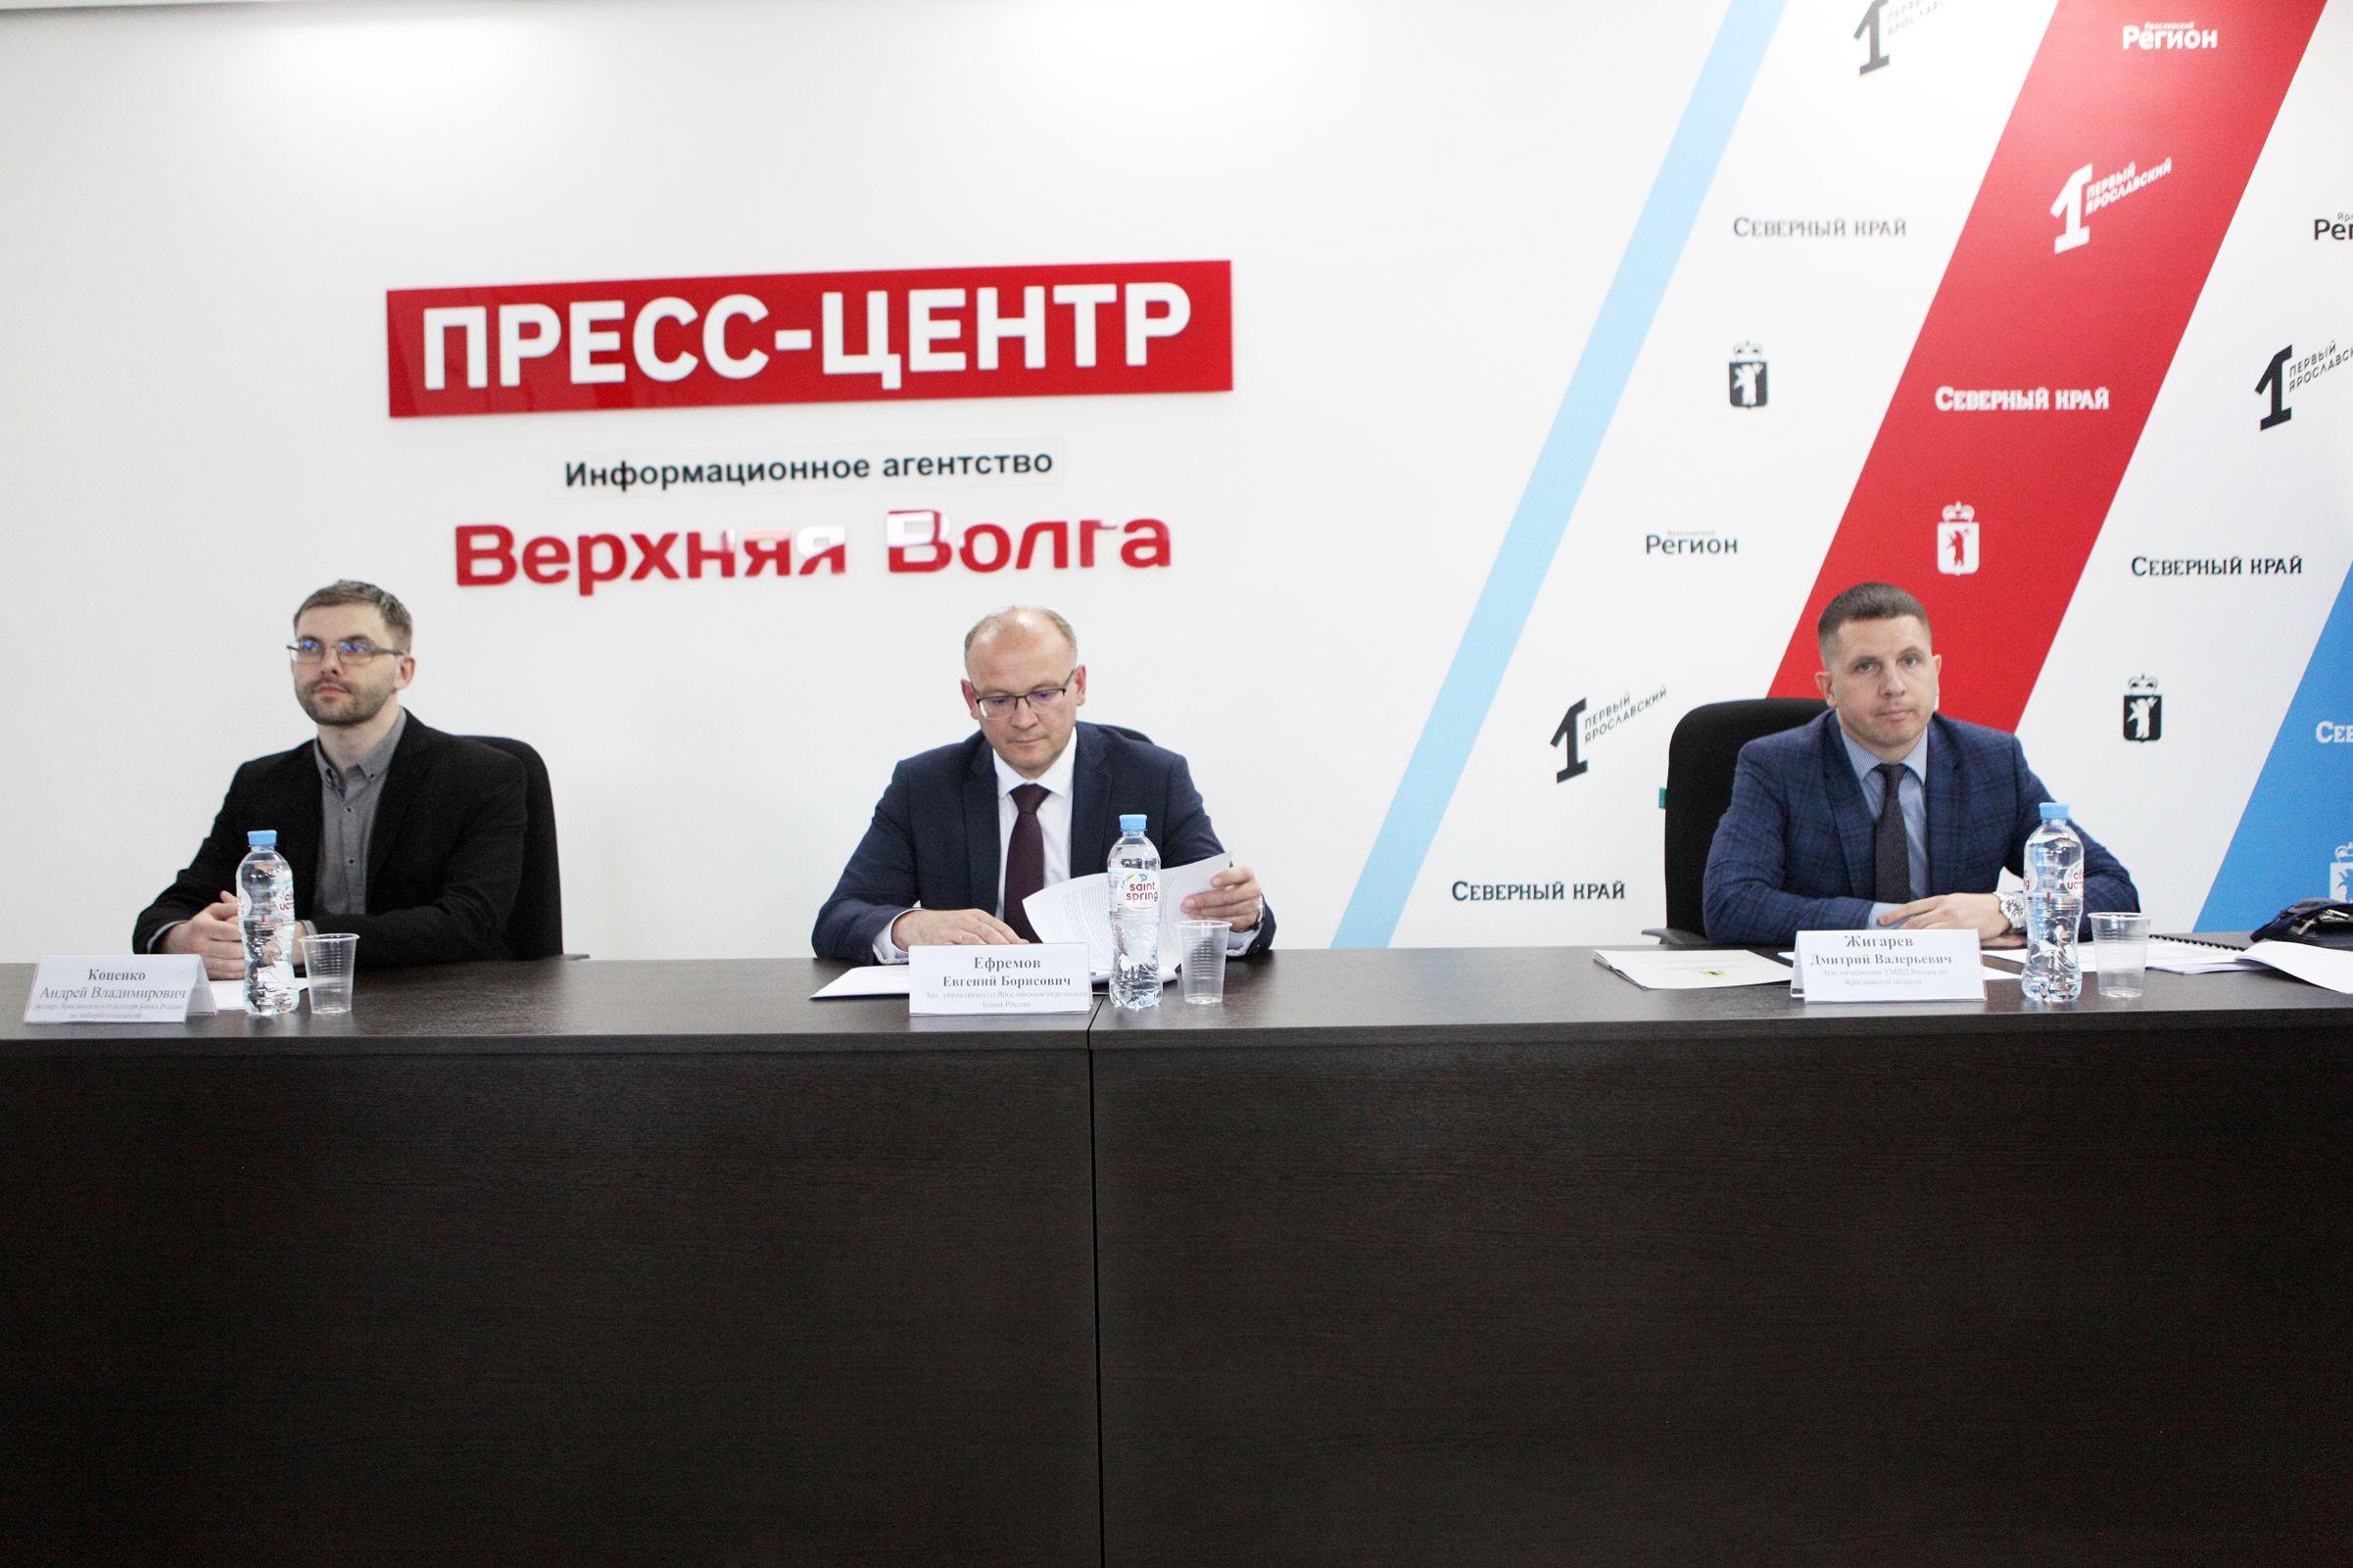 Переводят аферистам миллионы: ярославцам рассказали, как не стать жертвой финансовых мошенников